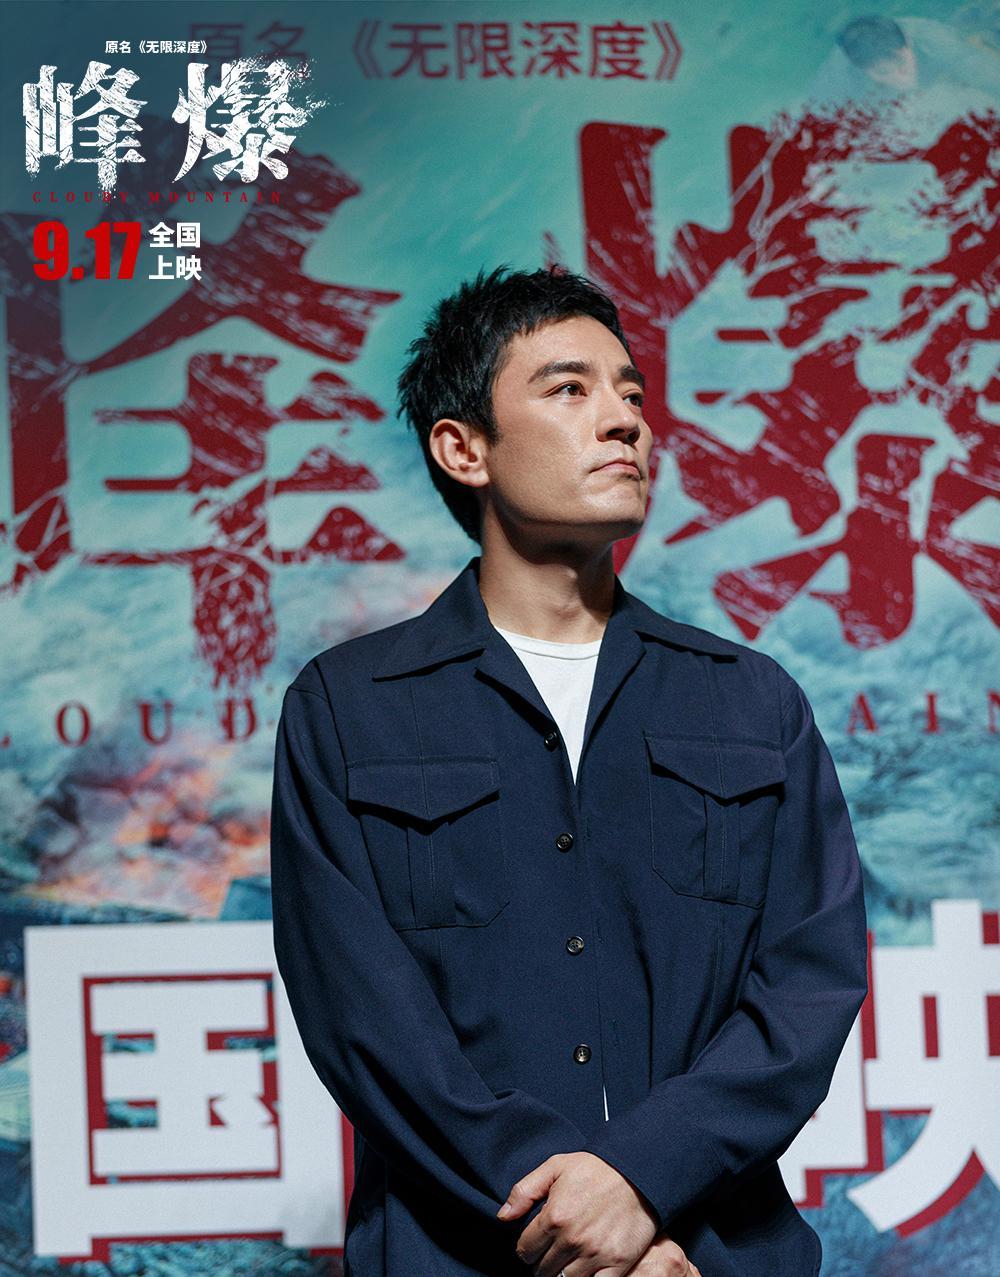 《峰爆》首映获真实基建英雄力挺 被赞国产灾难片惊喜之作